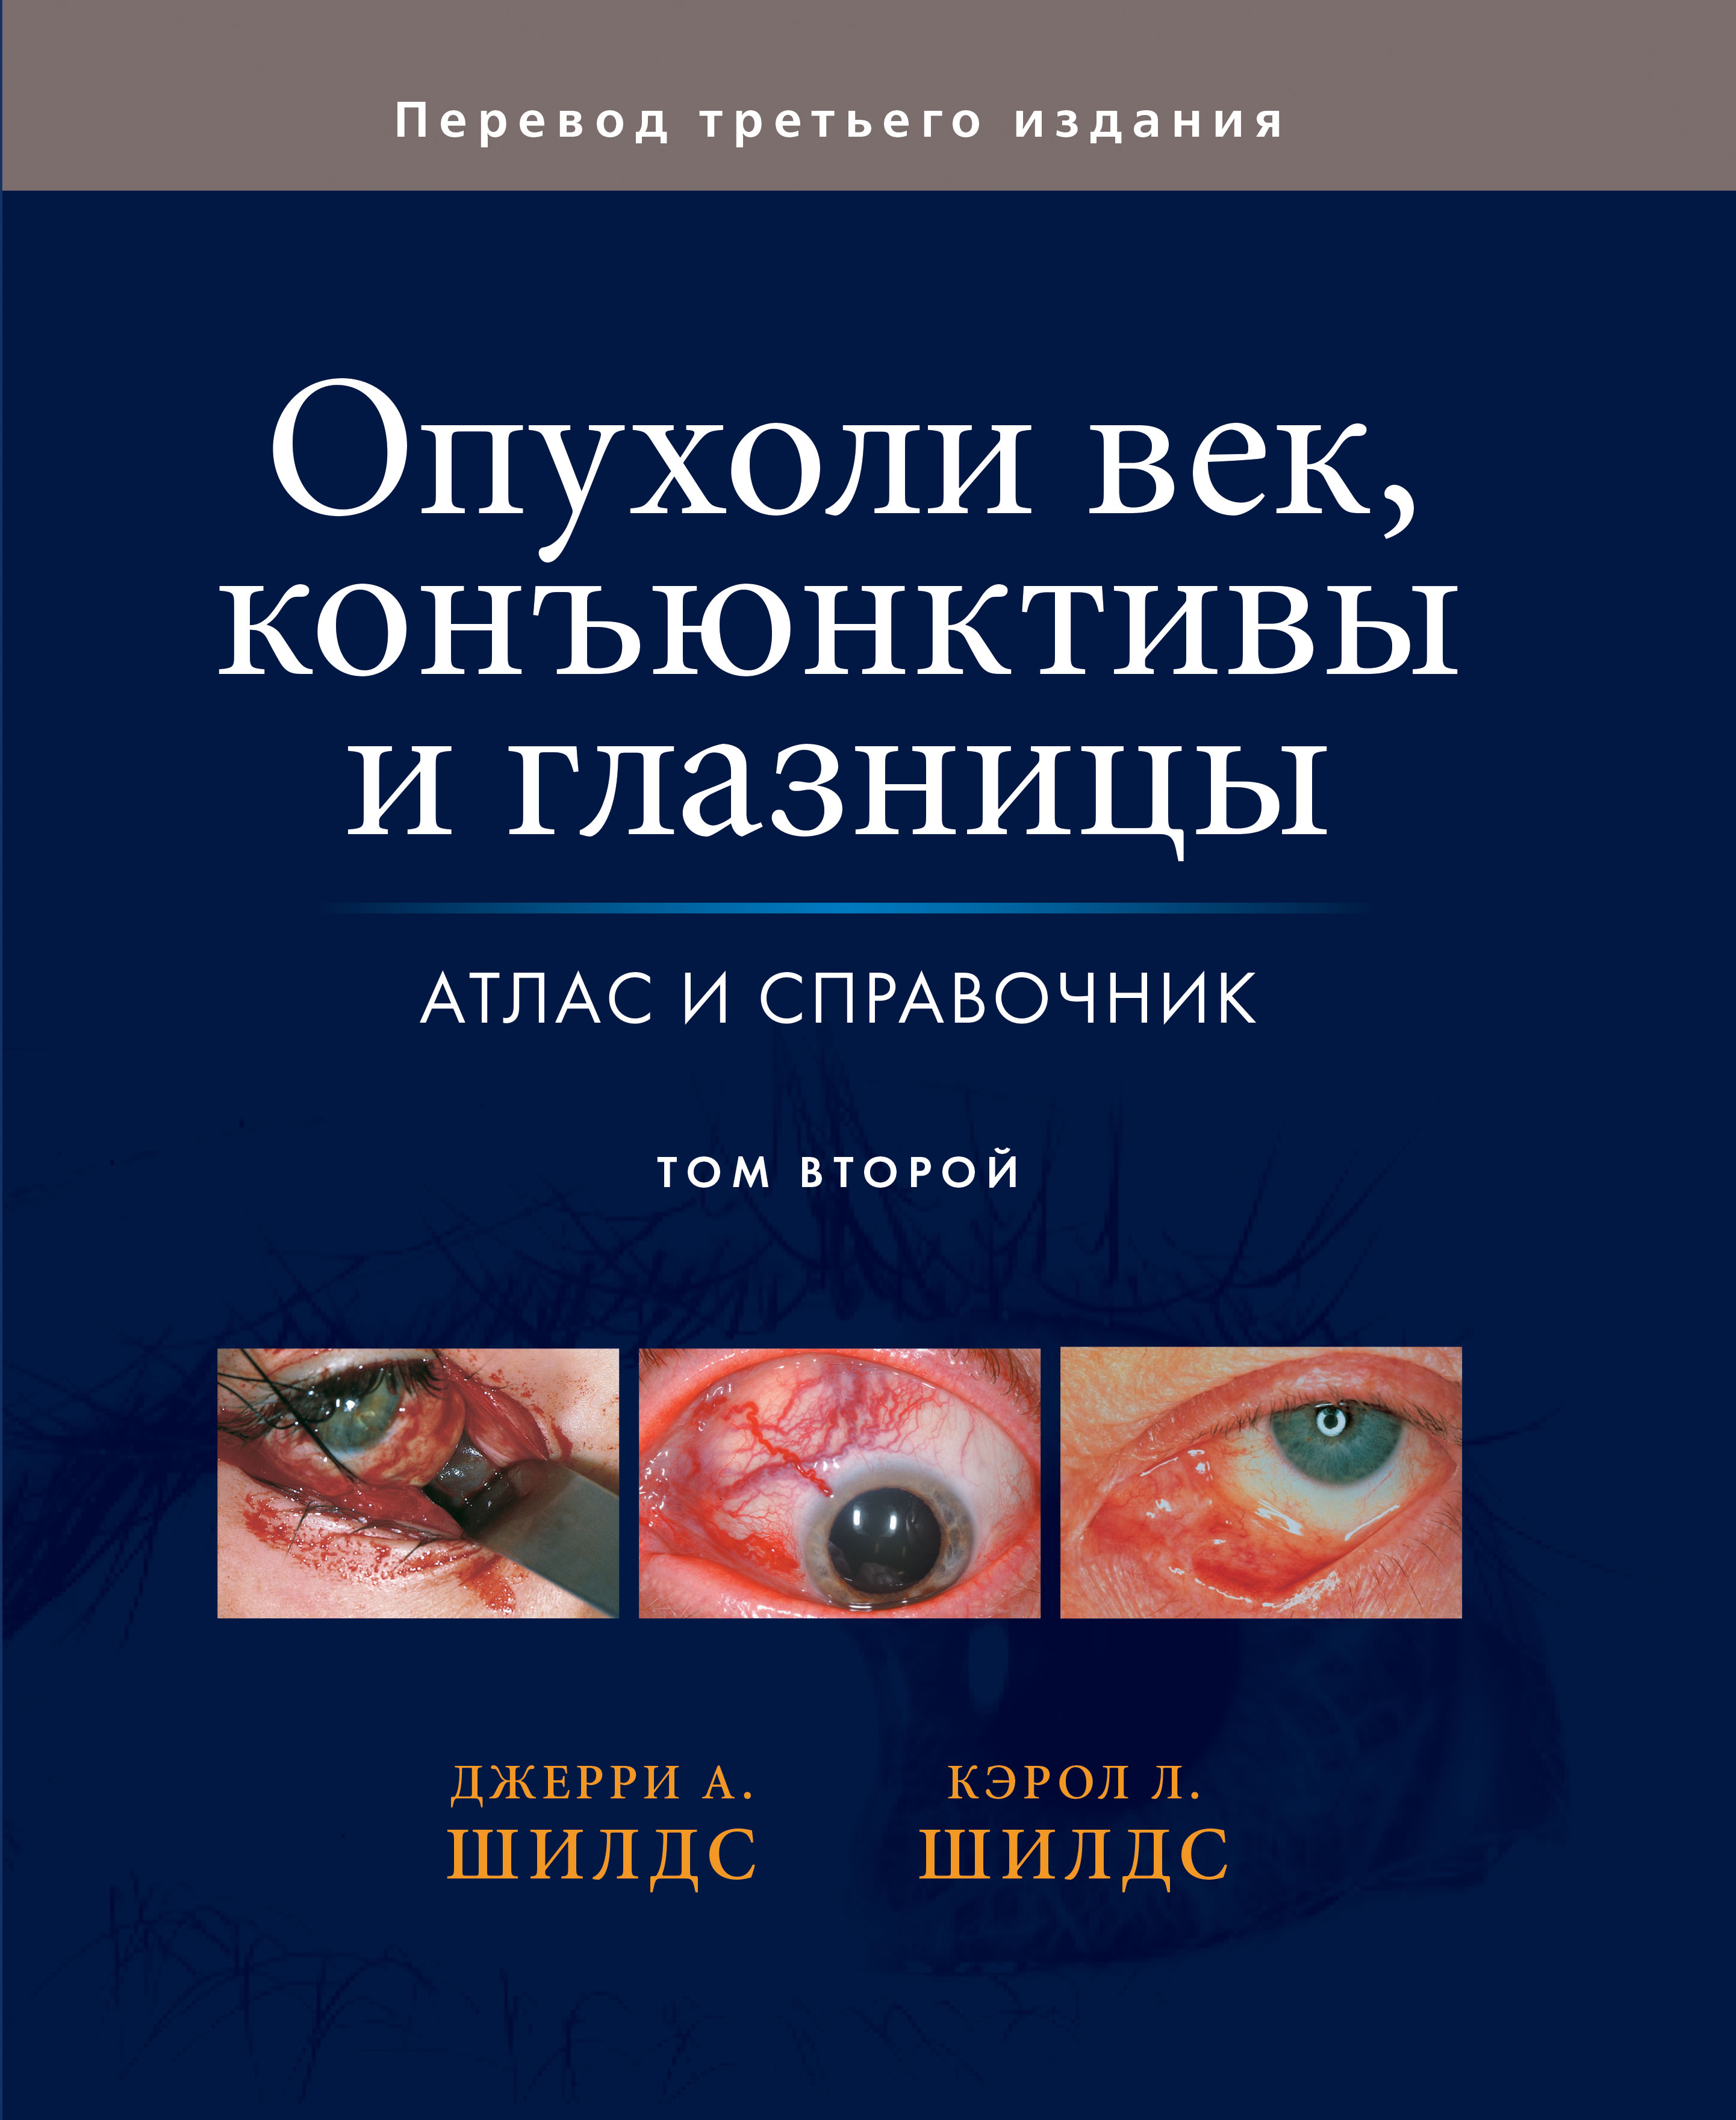 Джерри А. Шилдс, Кэрол Л. Шилдс Опухоли век, конъюнктивы и глазницы. Том 2 джерри а шилдс кэрол л шилдс опухоли век конъюнктивы и глазницы том 1